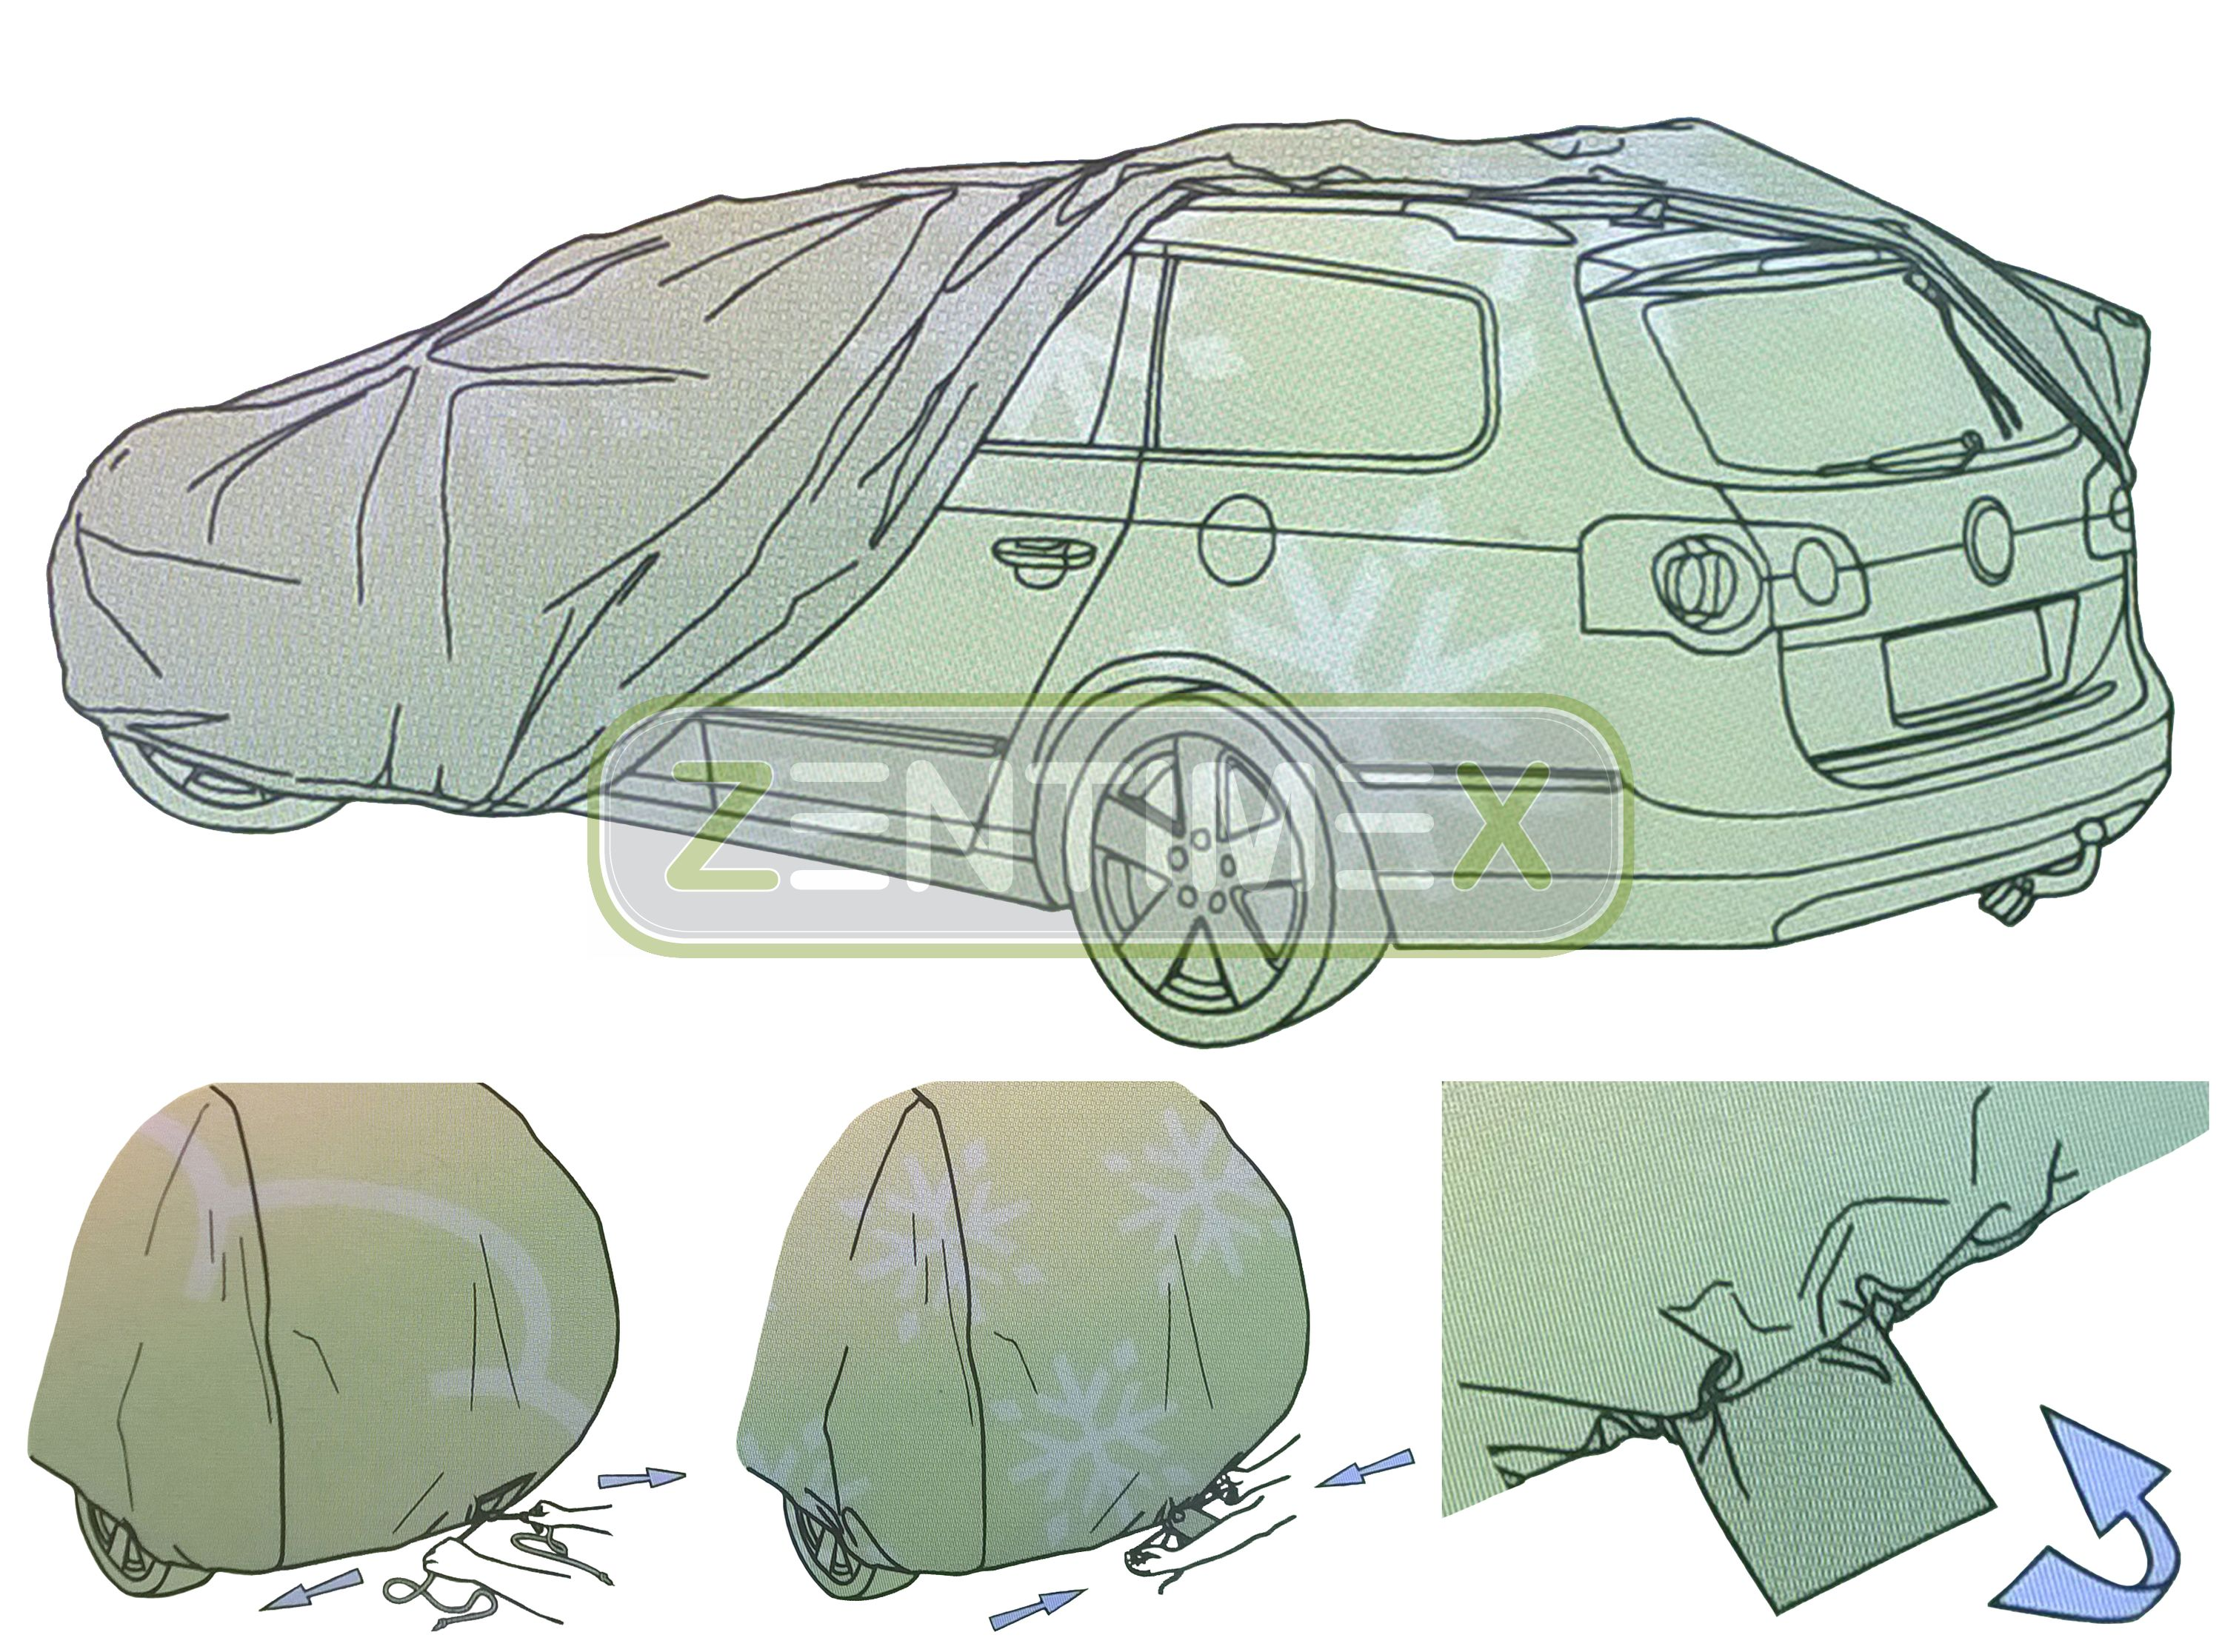 ohne Aufbauten, offene Ladefläche Vollgarage für Ford Ranger ER EQ Pick-Up 04.